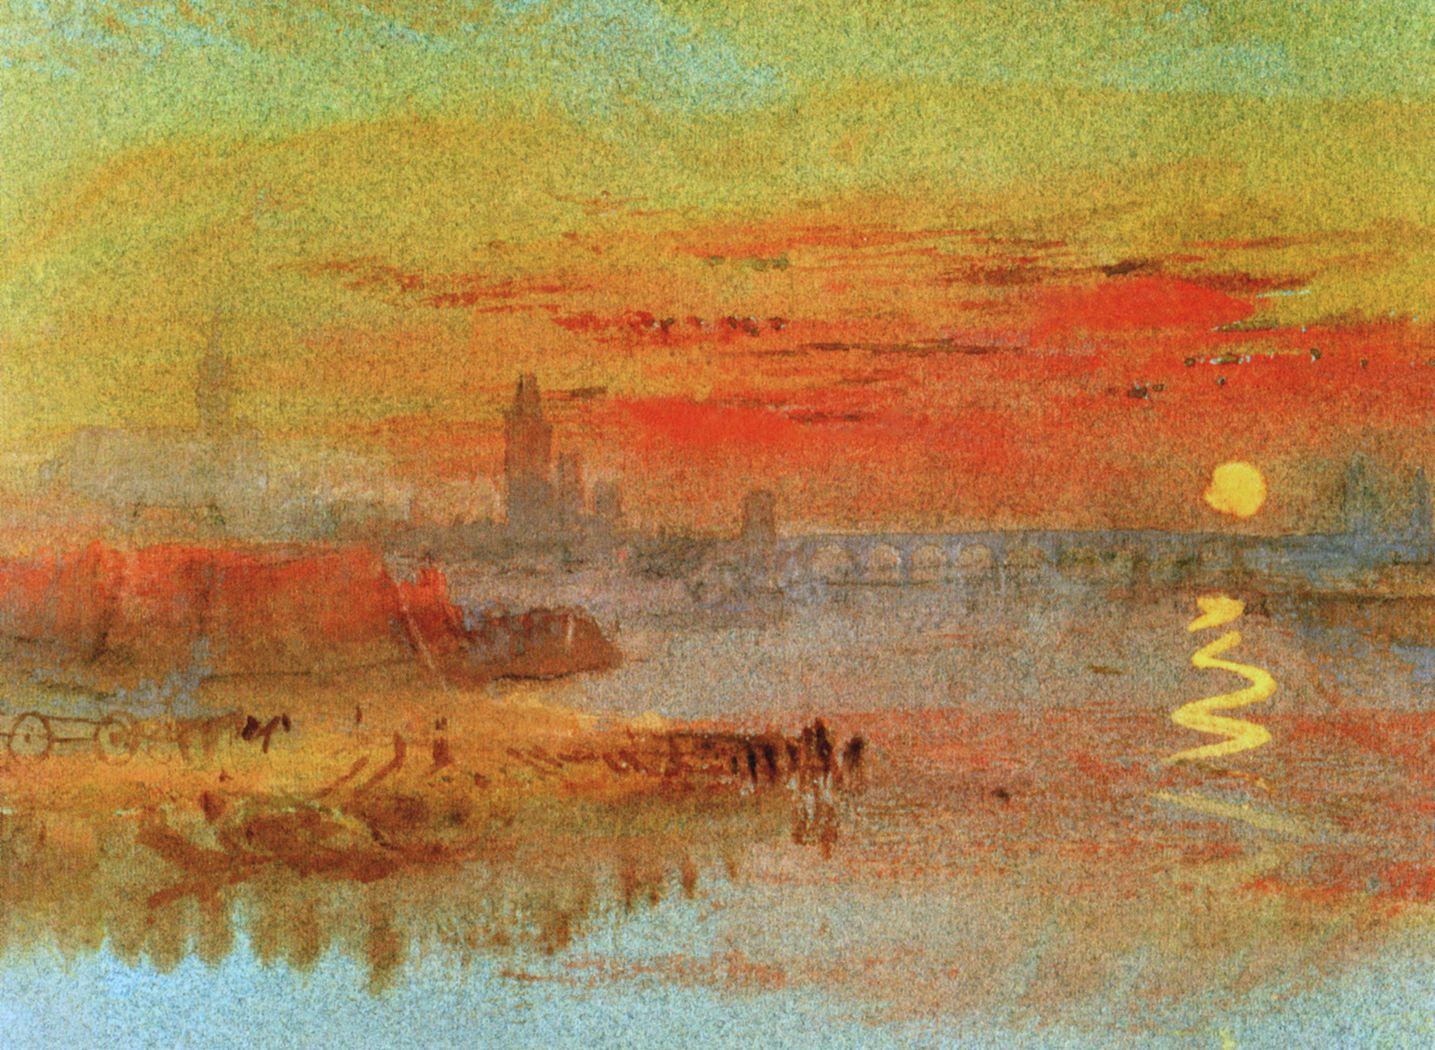 Peinture couleur ocre rouge 15 turner - Peinture couleur ocre rouge ...